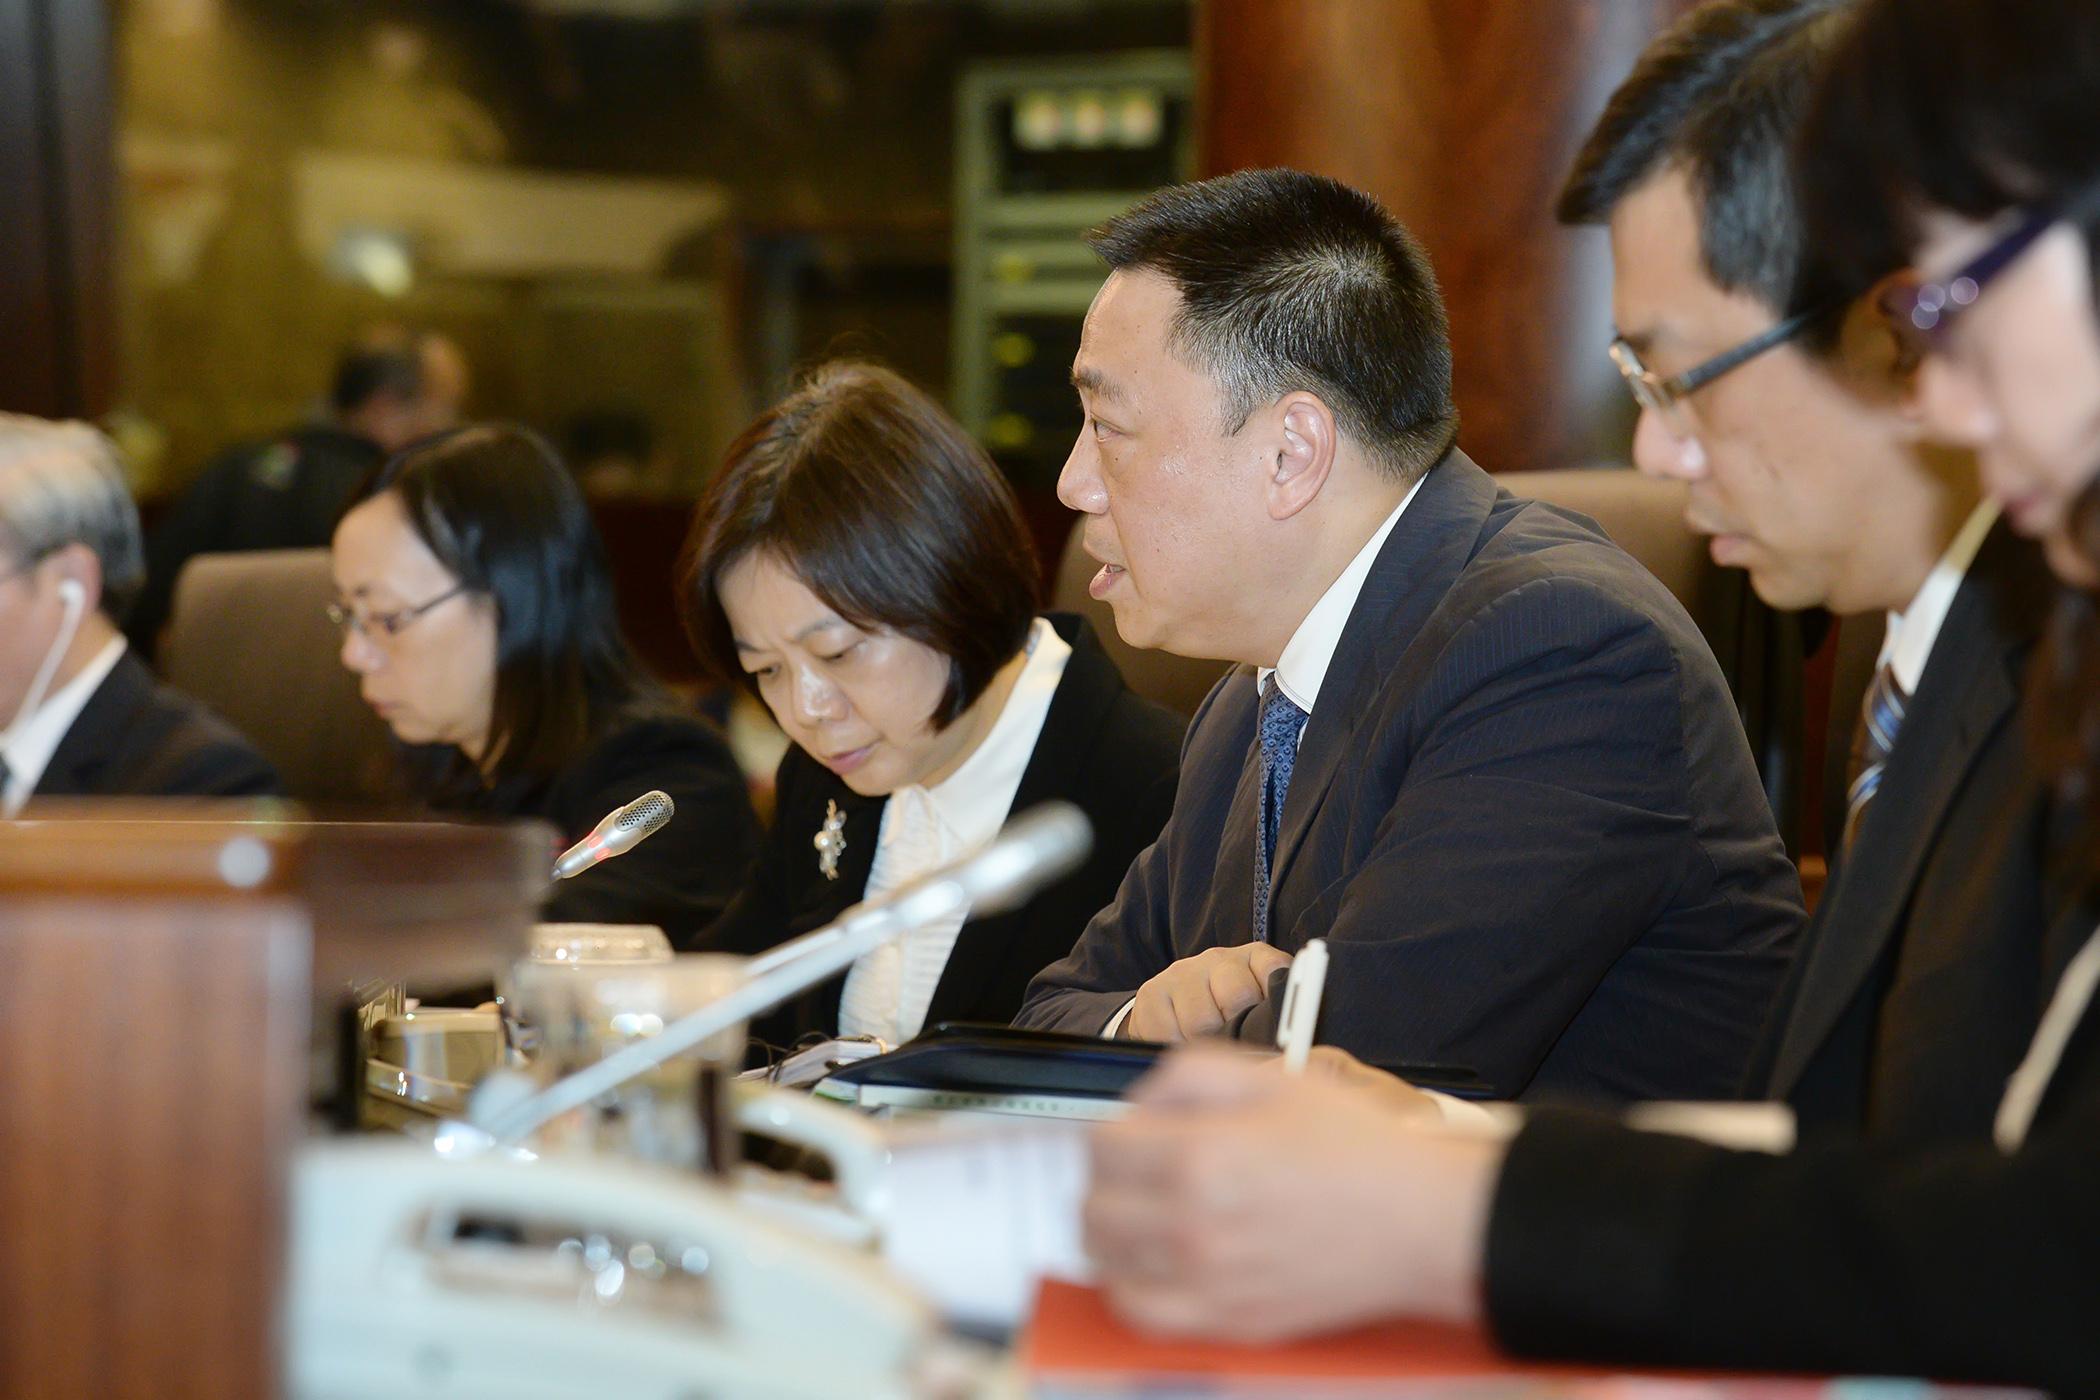 Jogo | Austeridade pode chegar a Macau, diz Secretário